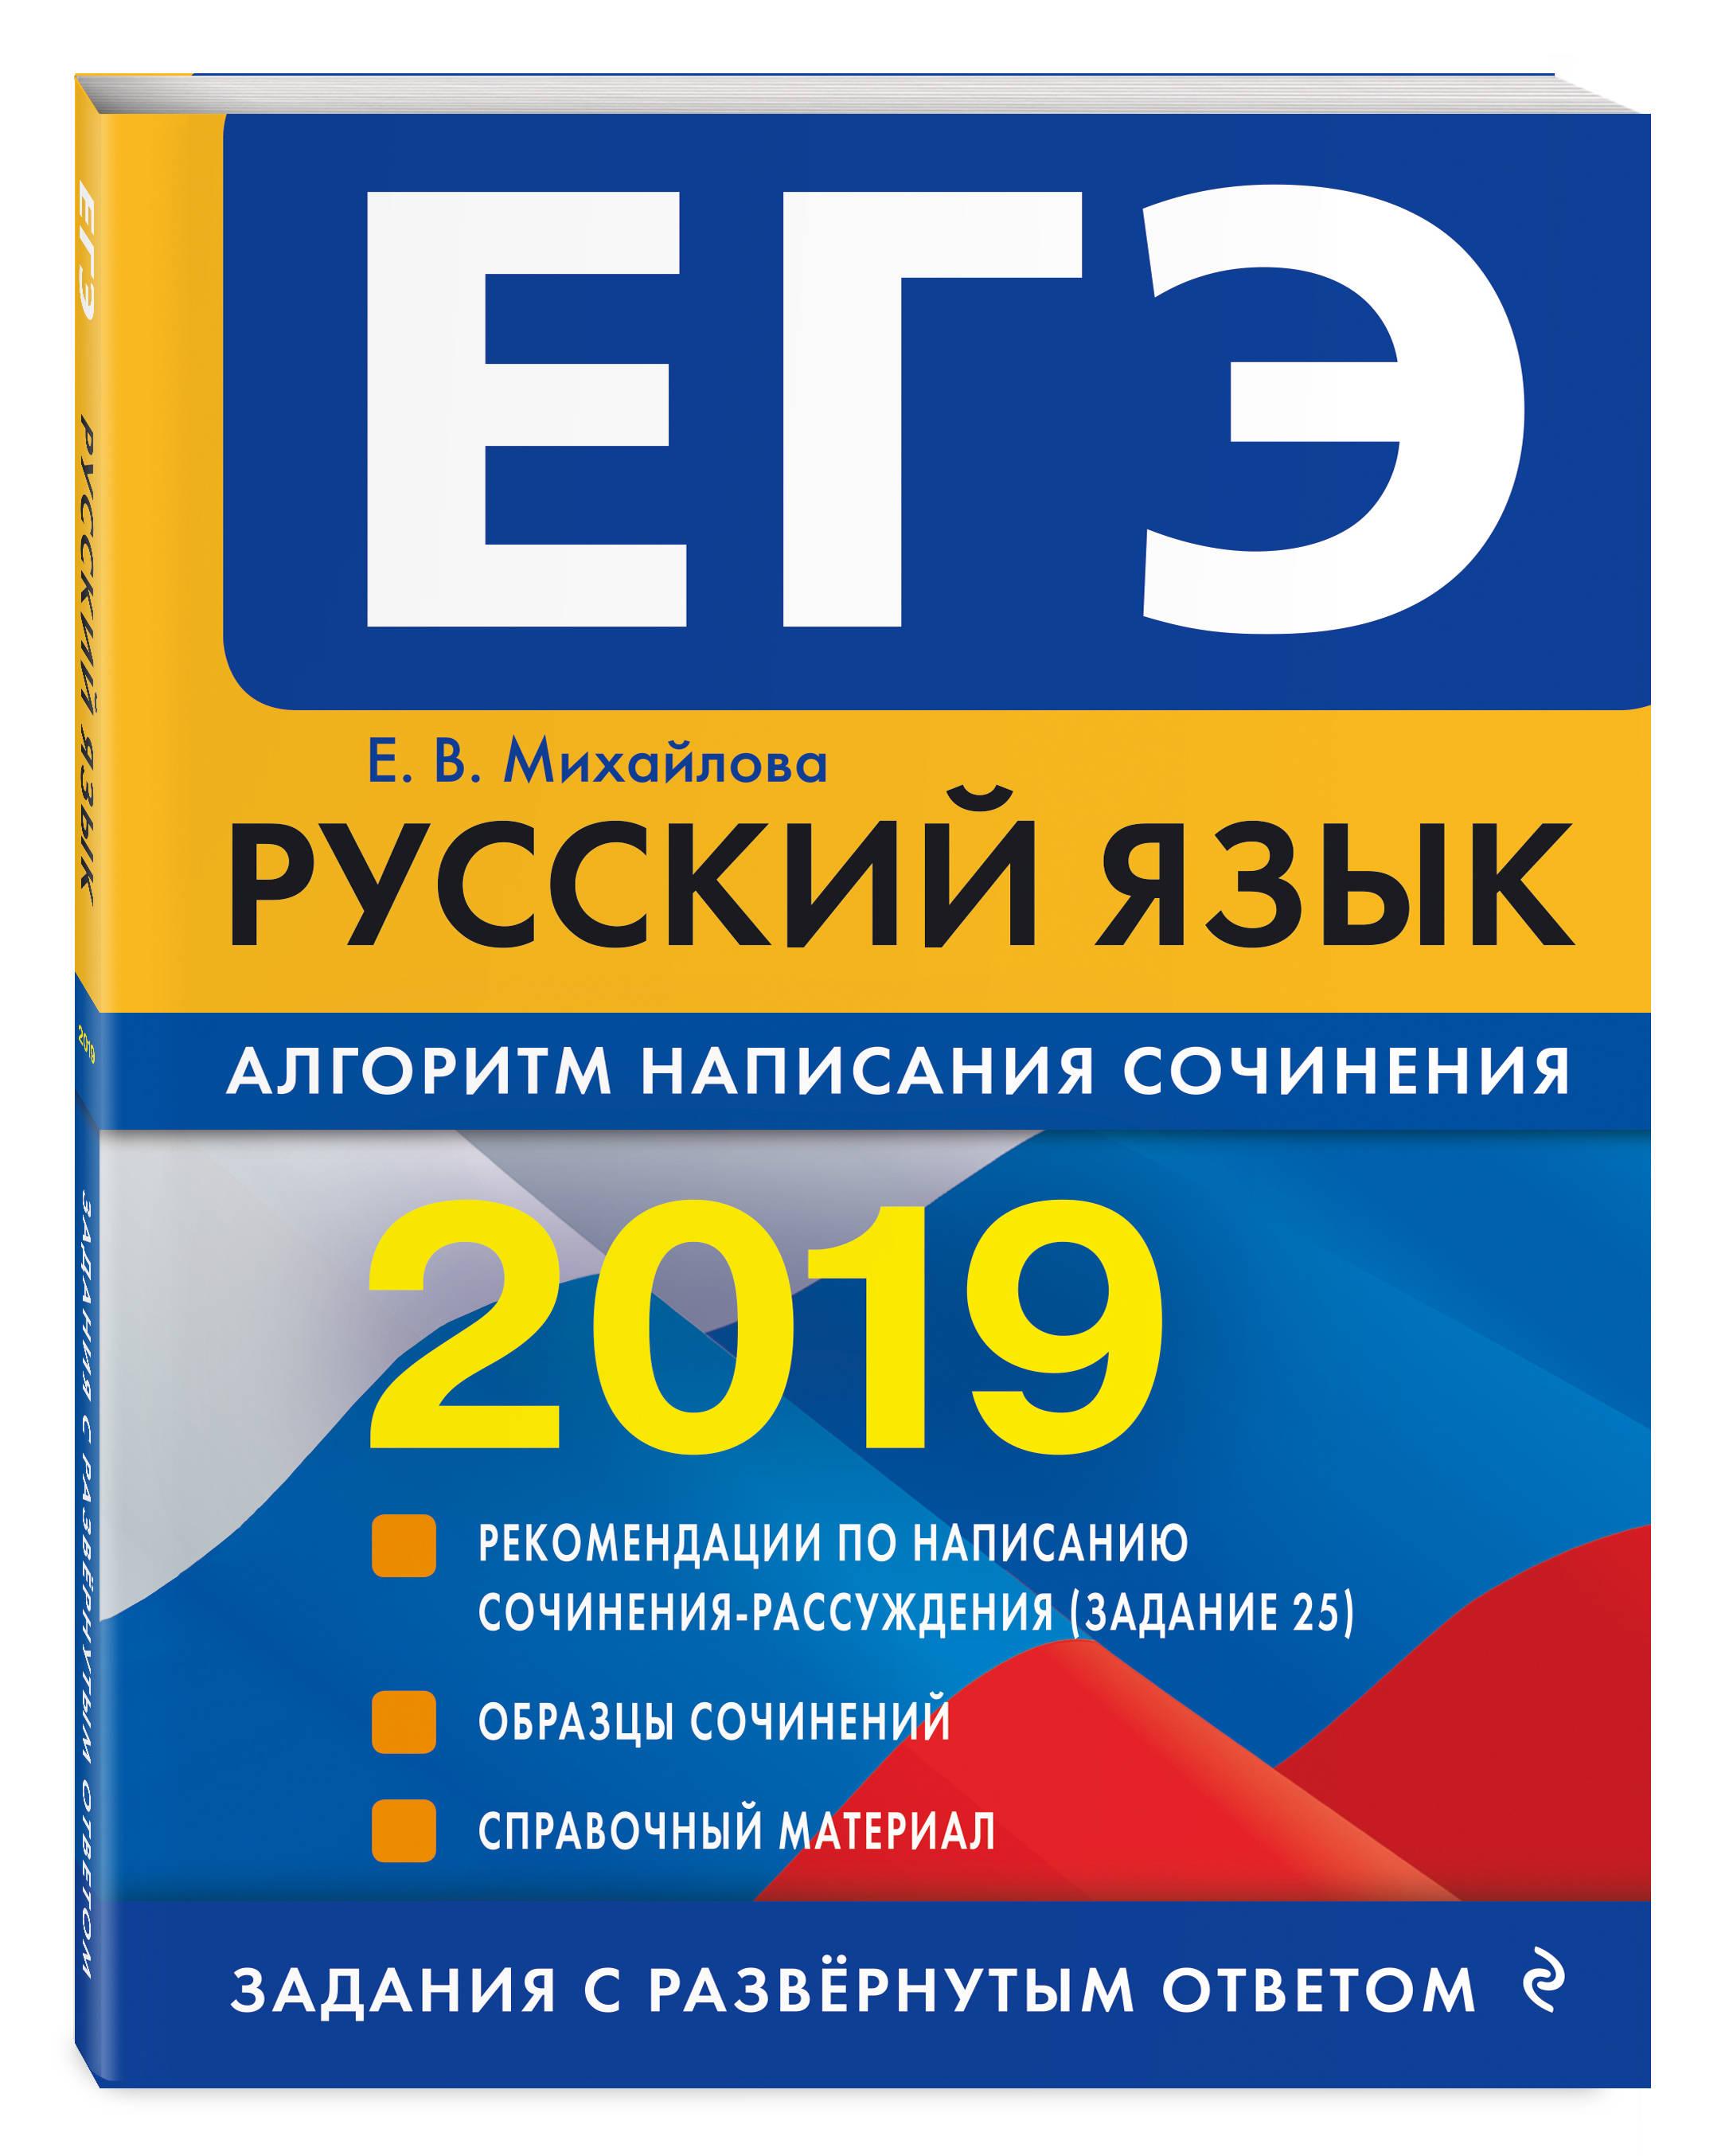 Е. В. Михайлова ЕГЭ-2019. Русский язык. Алгоритм написания сочинения цена